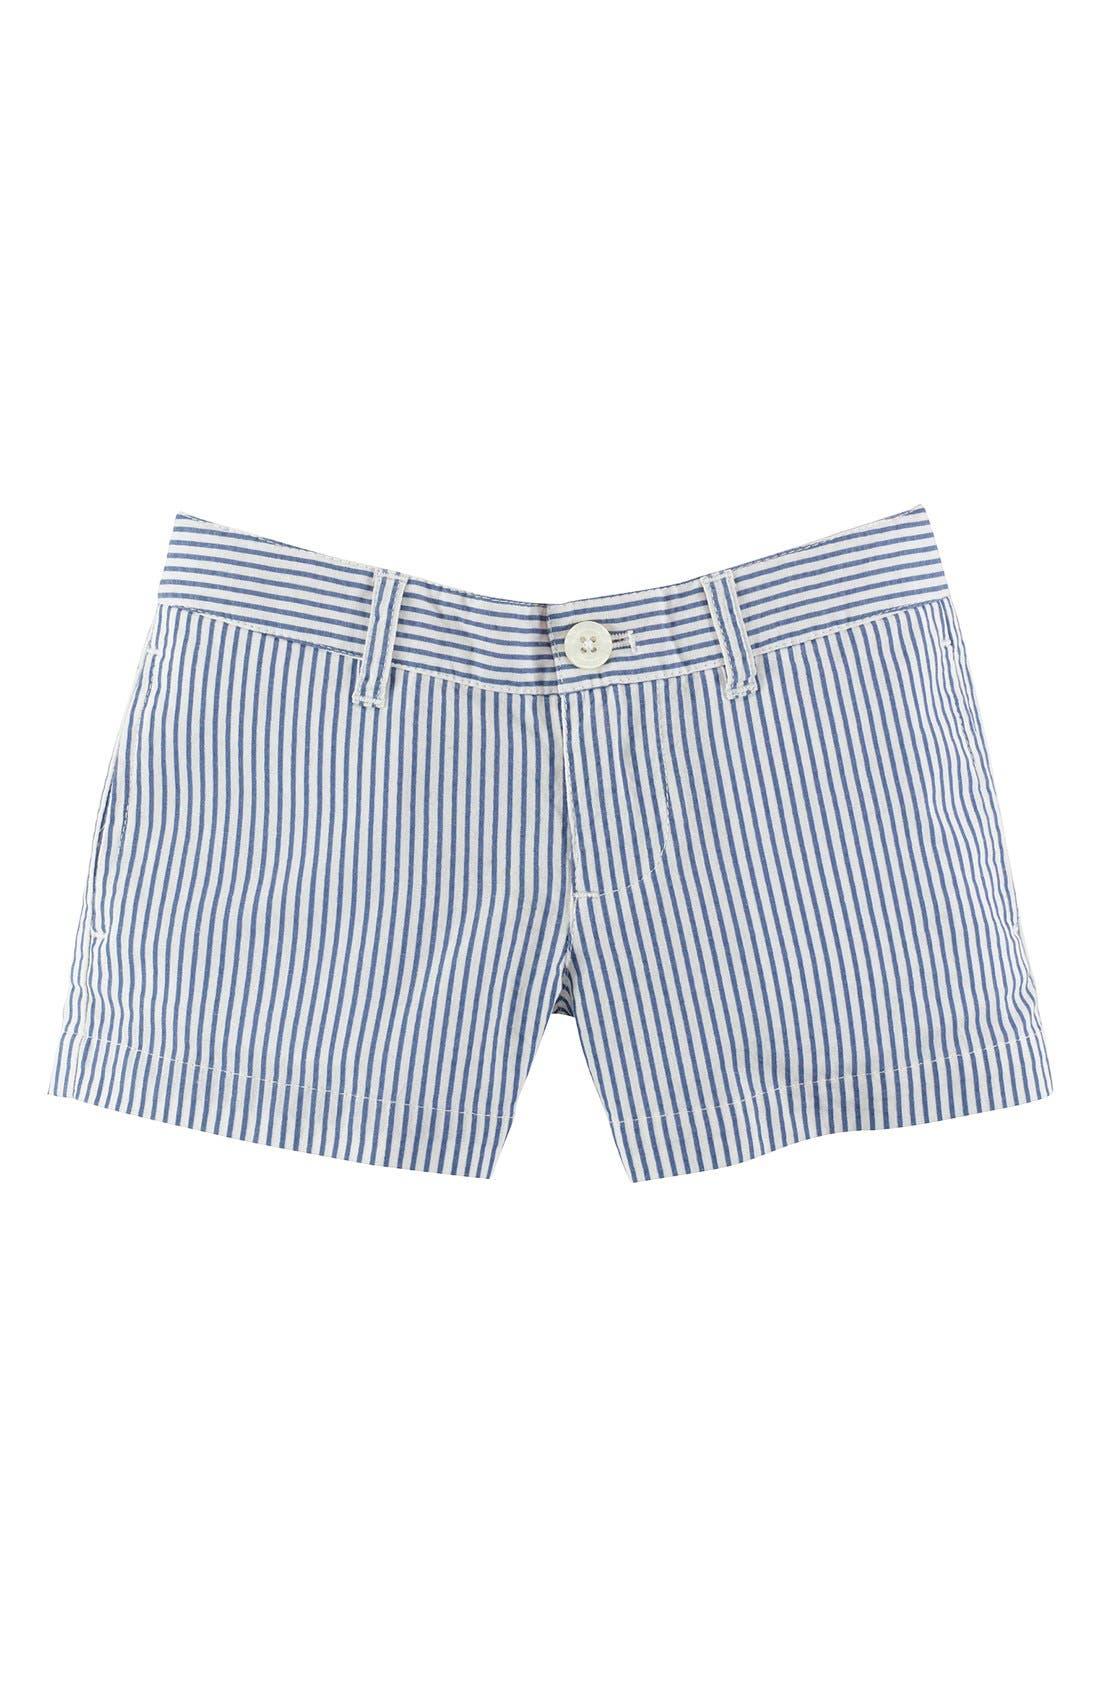 Alternate Image 1 Selected - Ralph Lauren Seersucker Shorts (Toddler Girls)